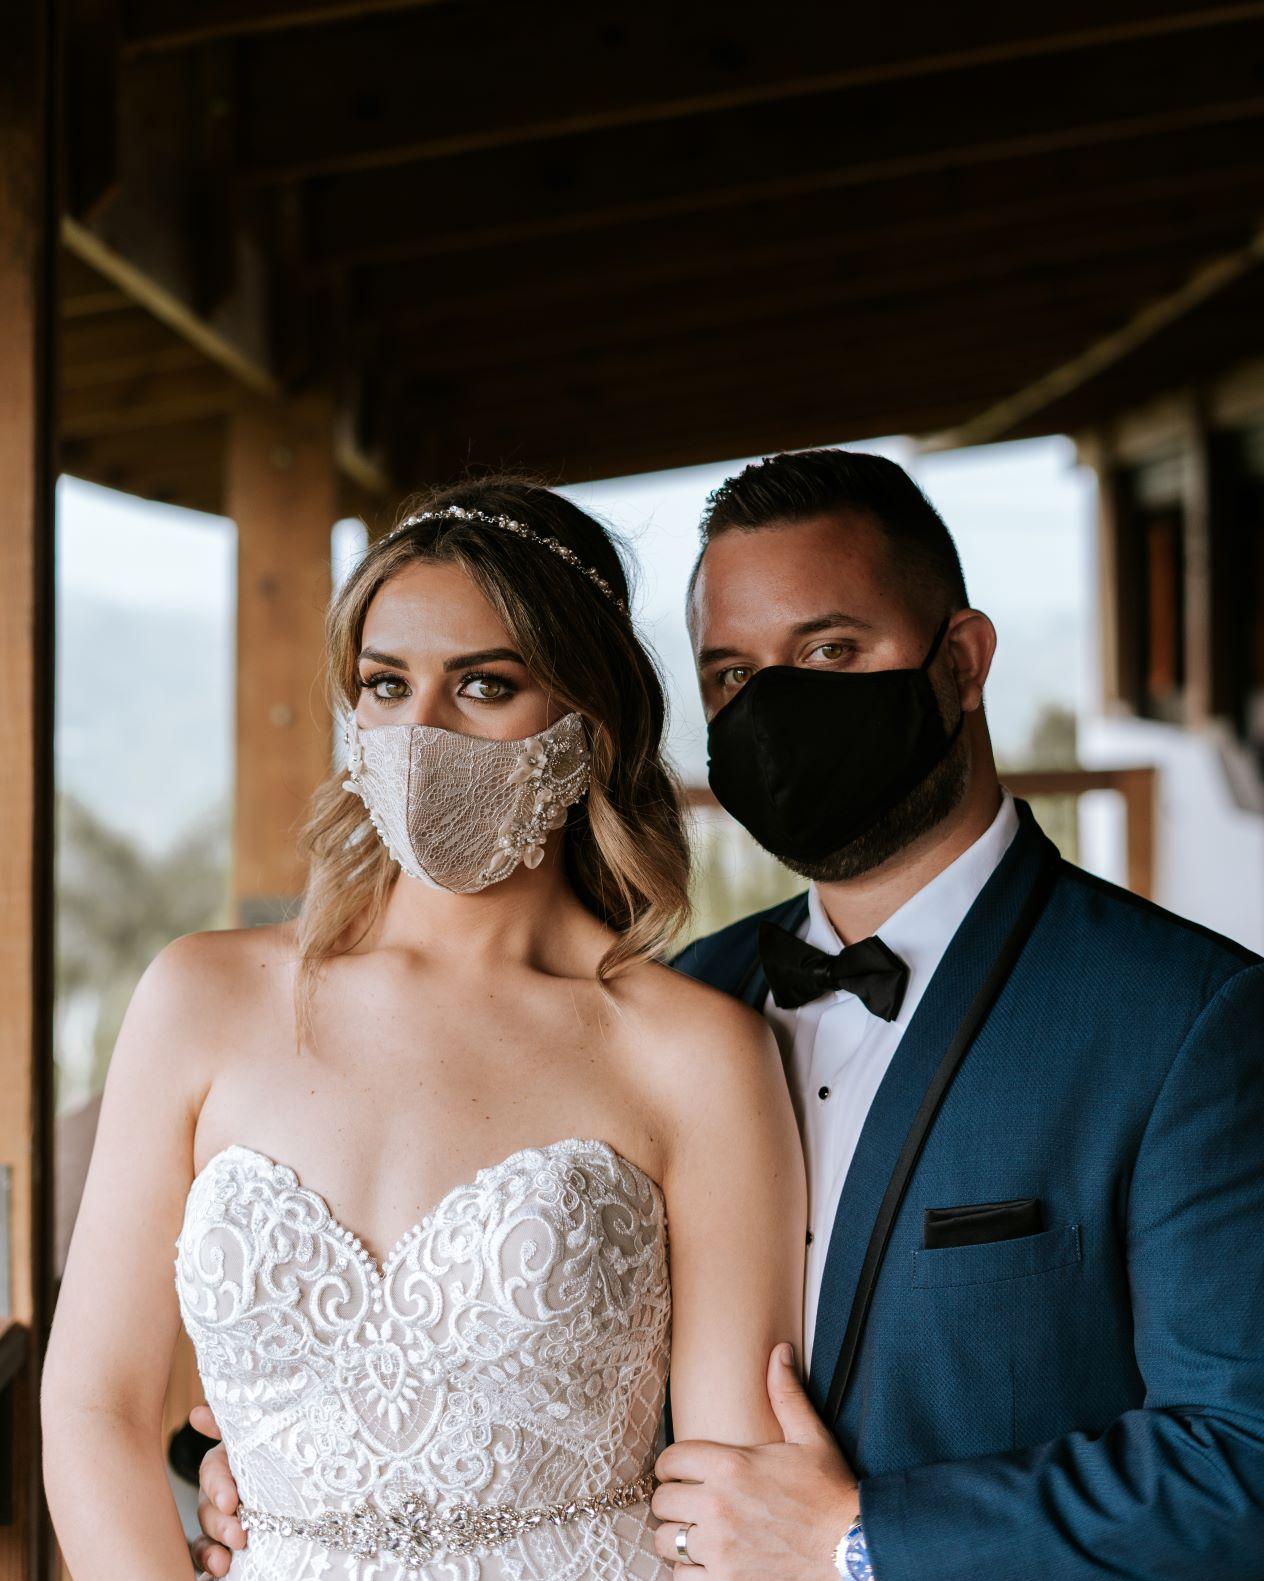 Mascarilla de la novia: Edzel Giovanni. Vestimenta del novio: Zara y Leonardo Fifth Avenue (Artonico Stories)